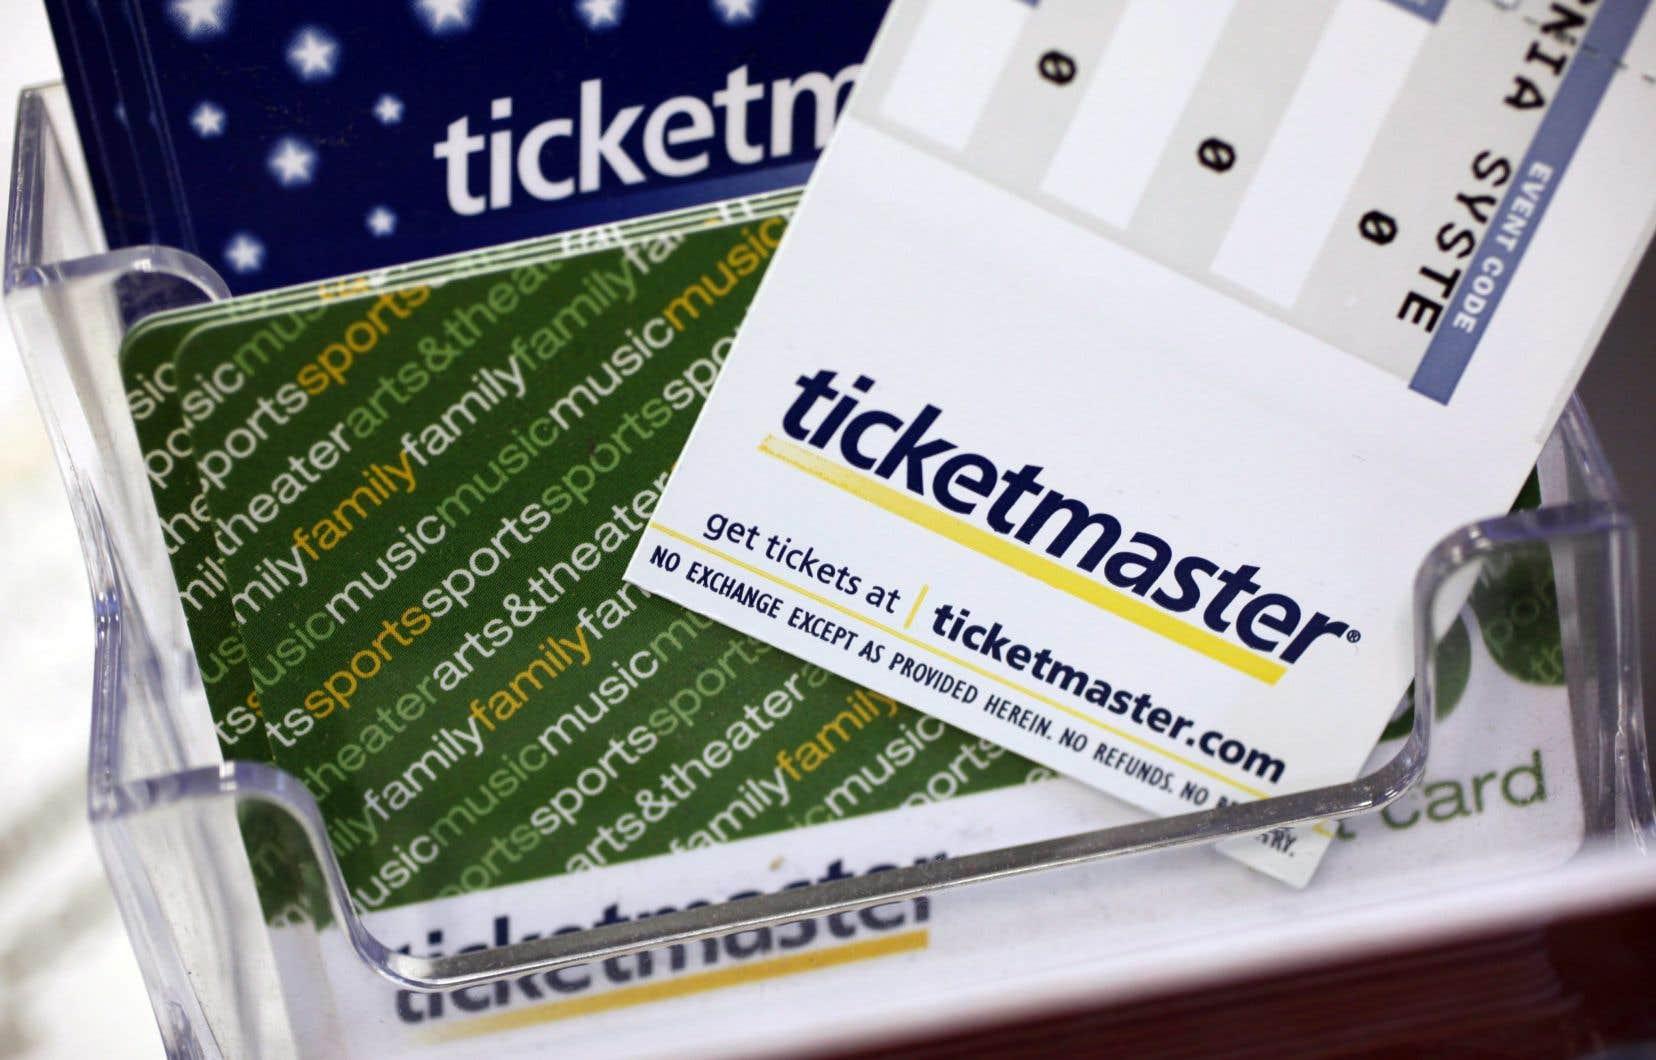 Le bureau de la concurrence poursuit ticketmaster pour publicité